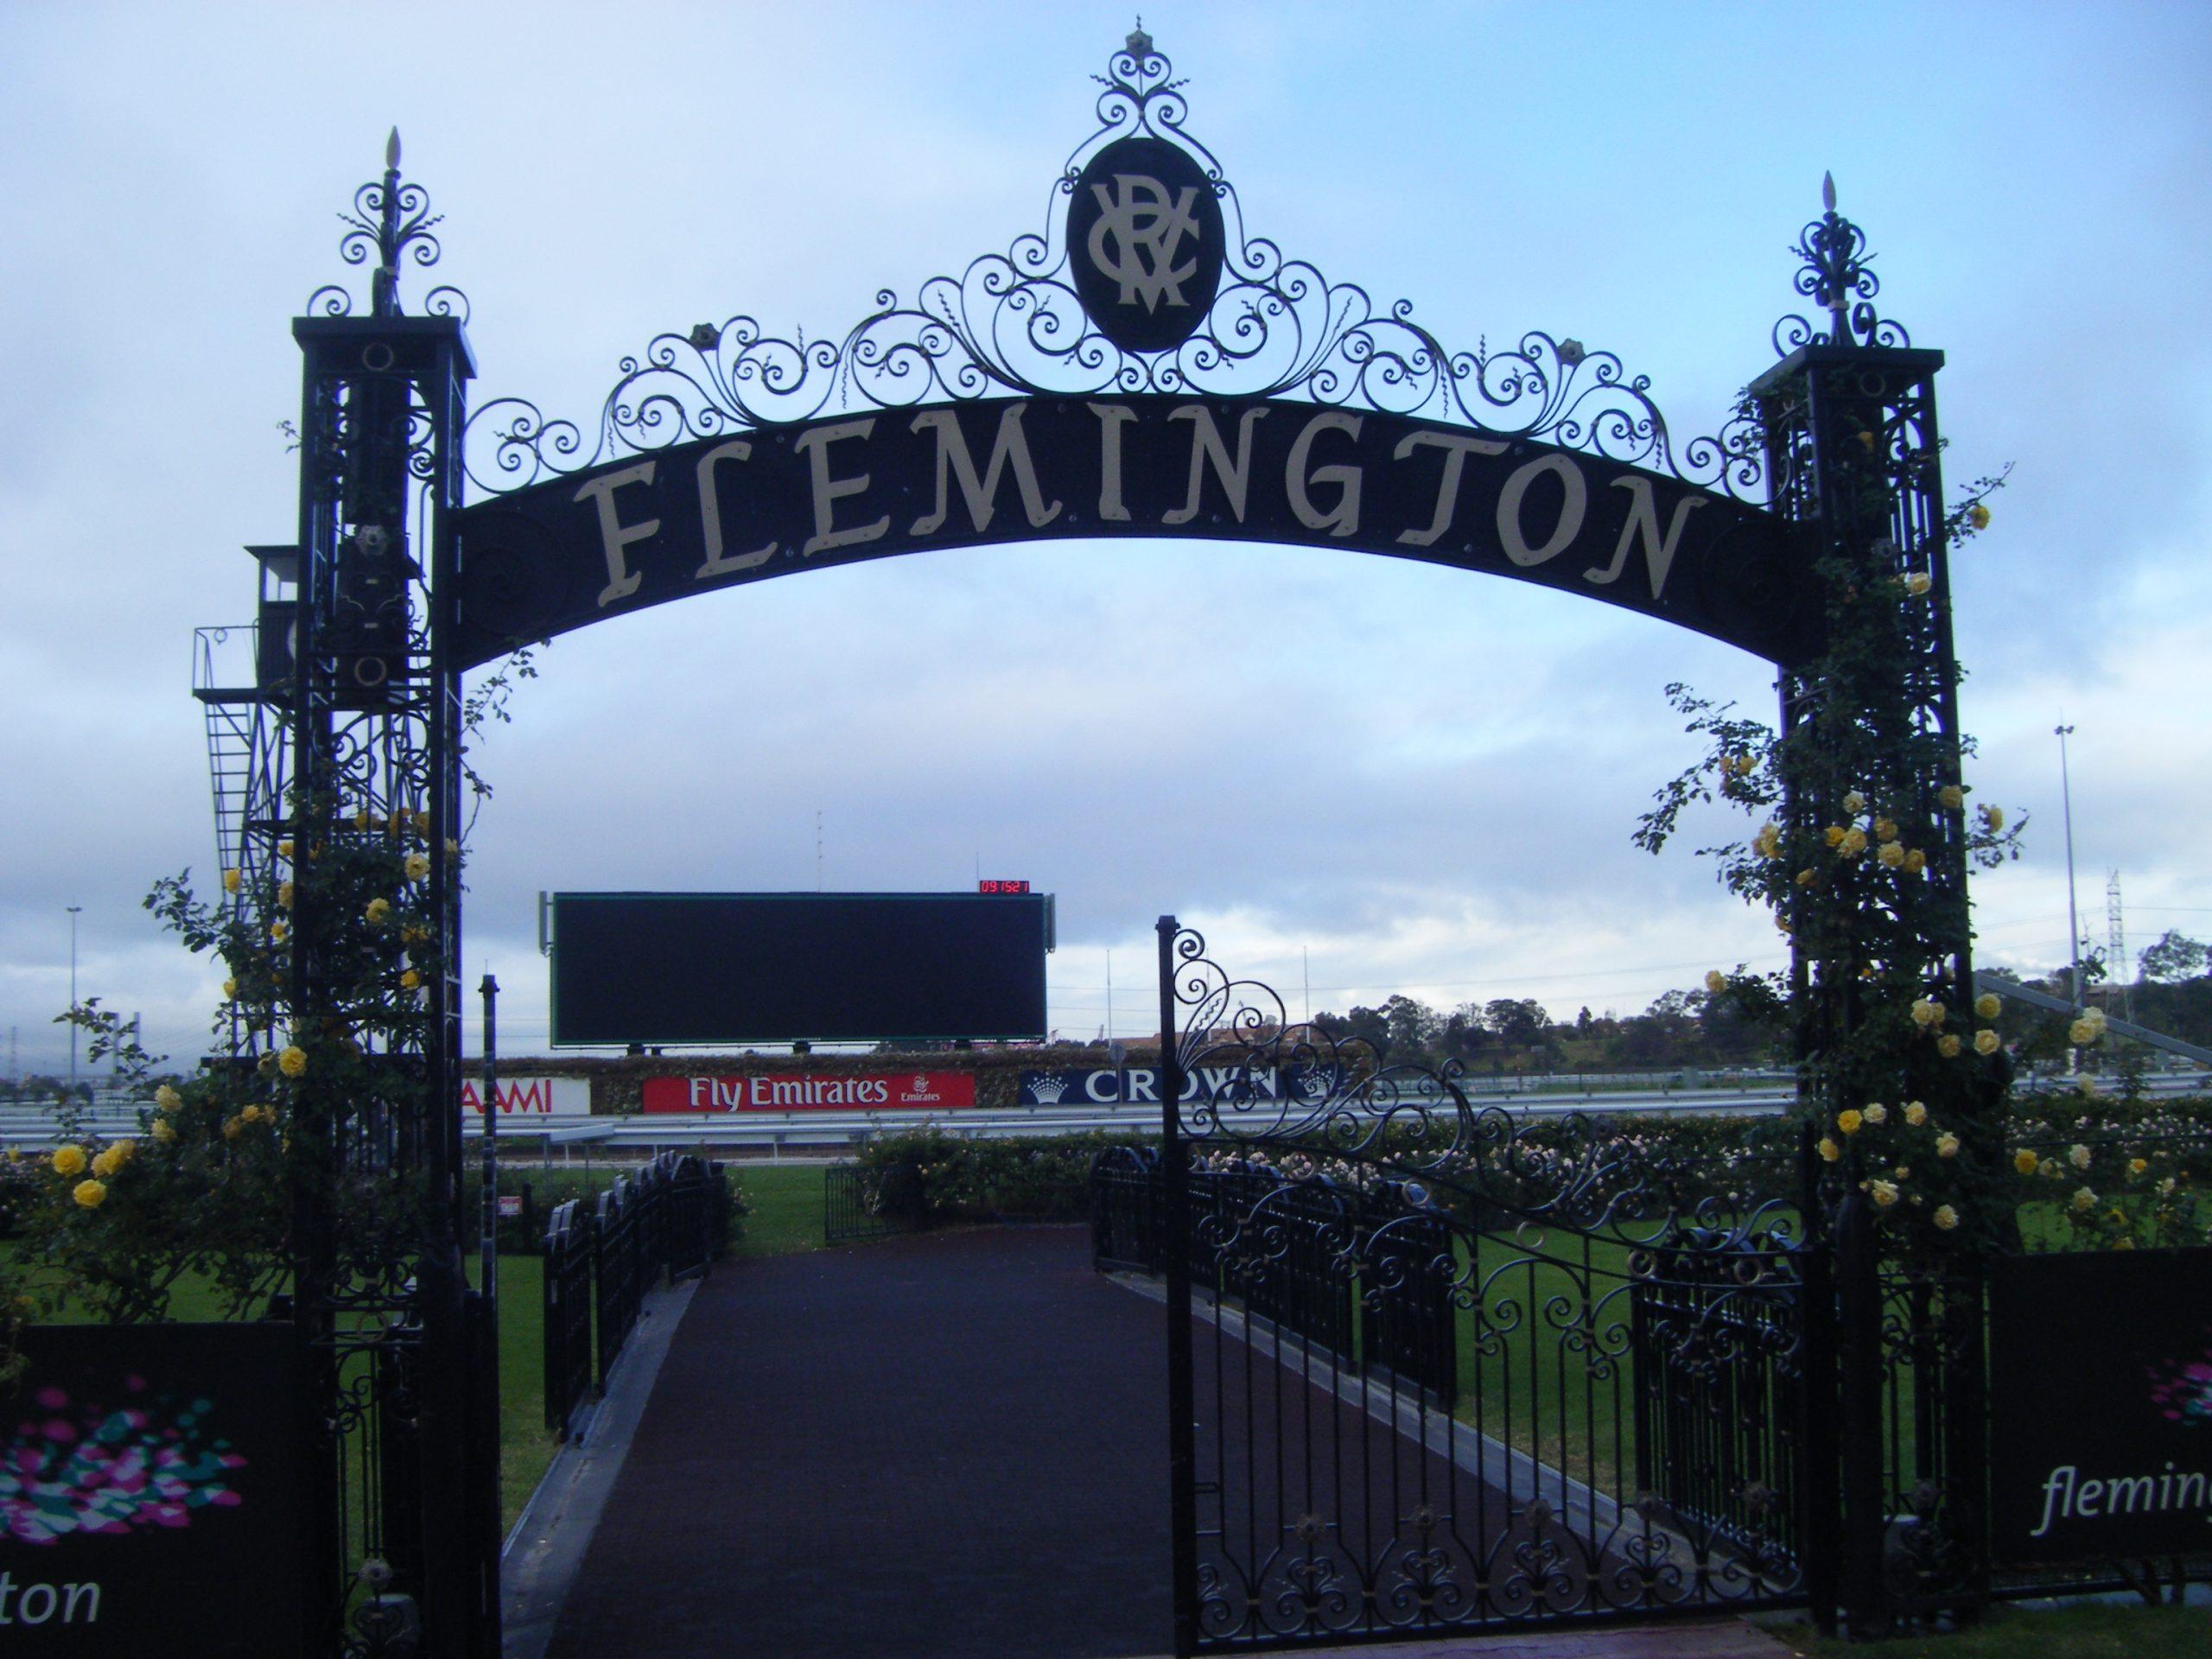 Flemington Racecourse, venue for the world famous Melbourne Cup